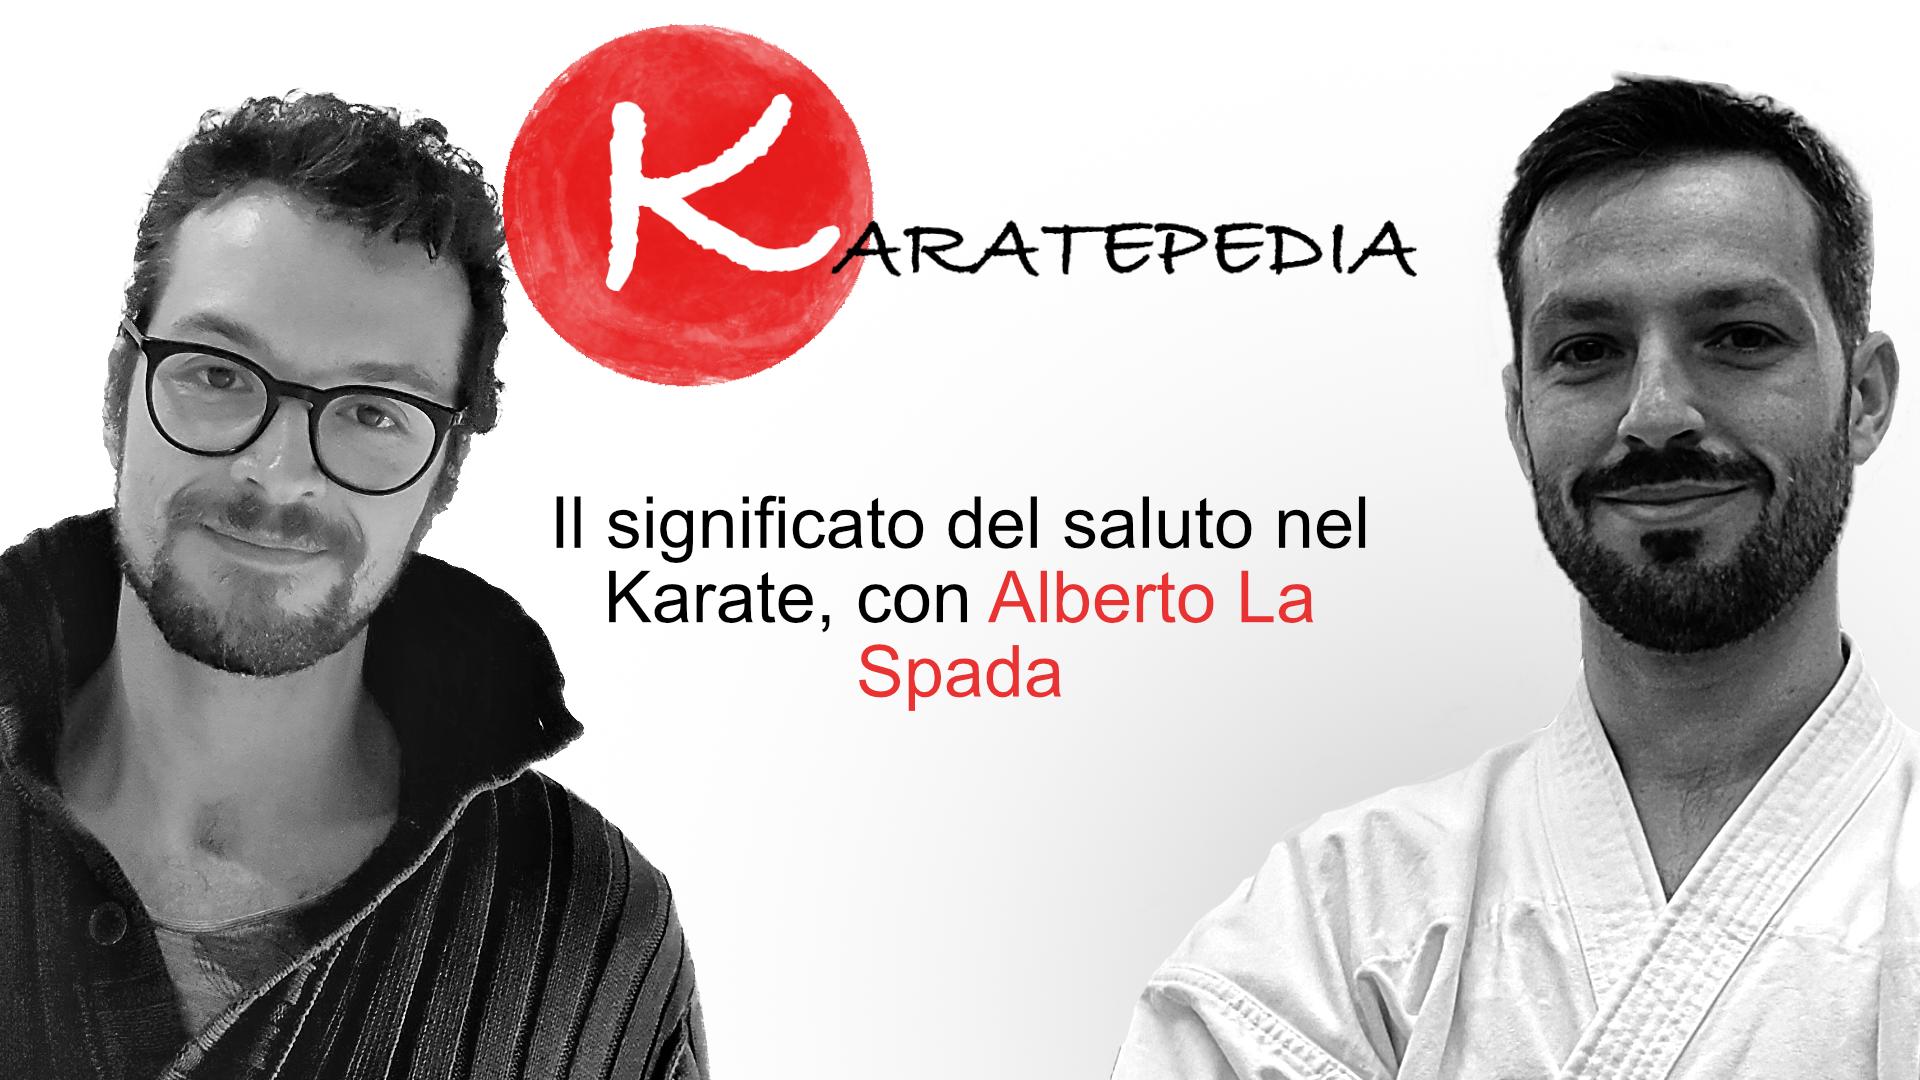 Il significato del saluto nel karate